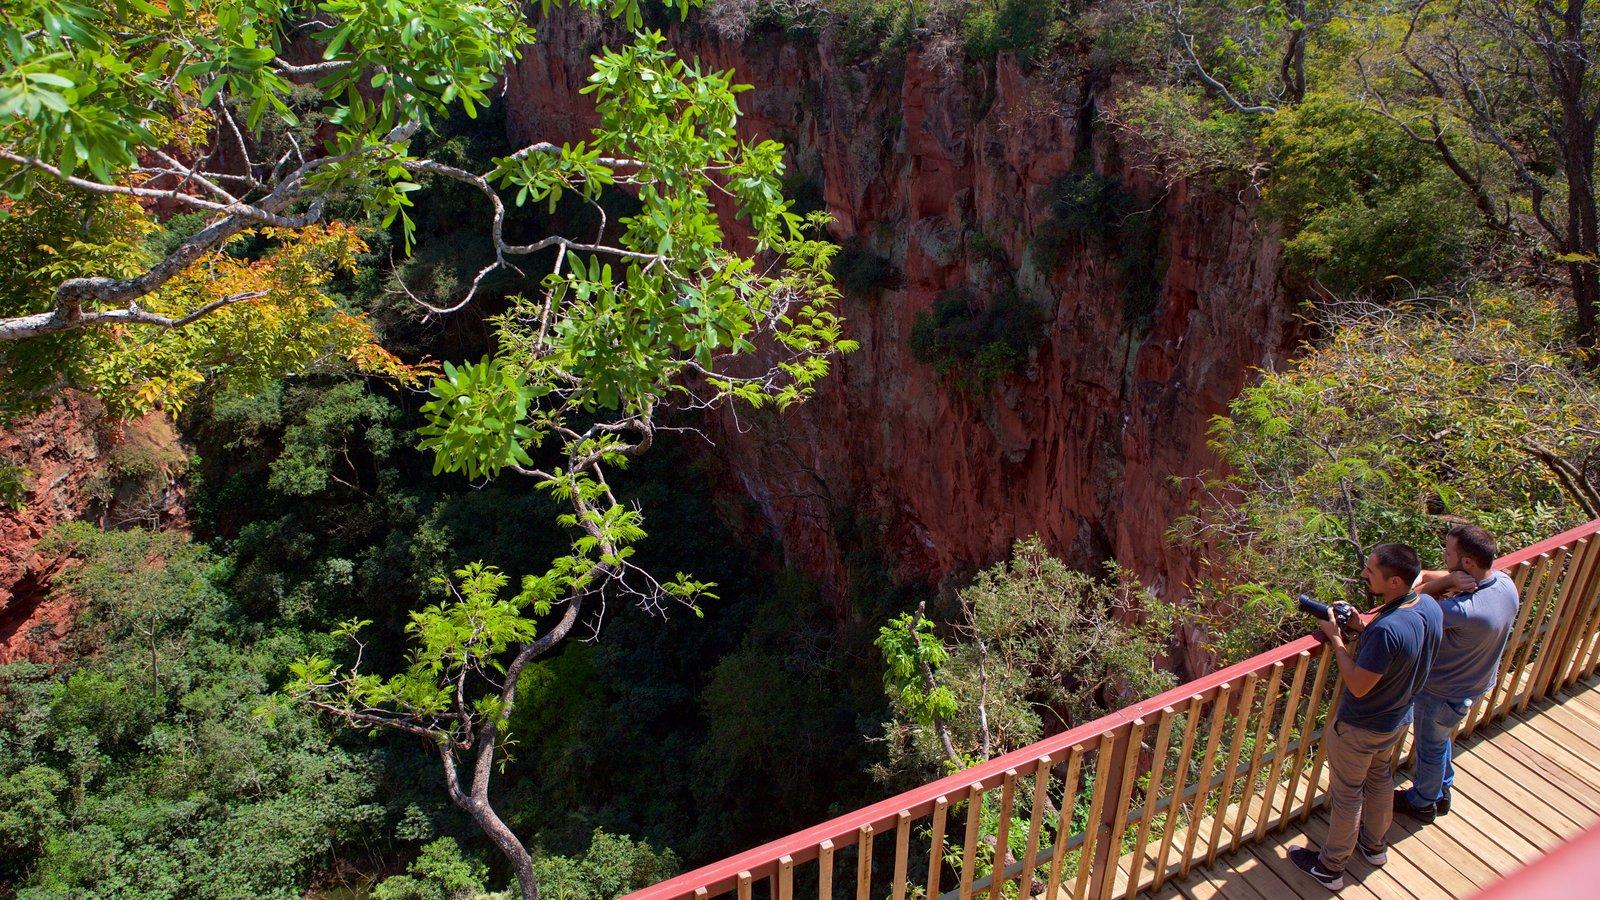 Bonito que inclui paisagens, um desfiladeiro ou canyon e florestas